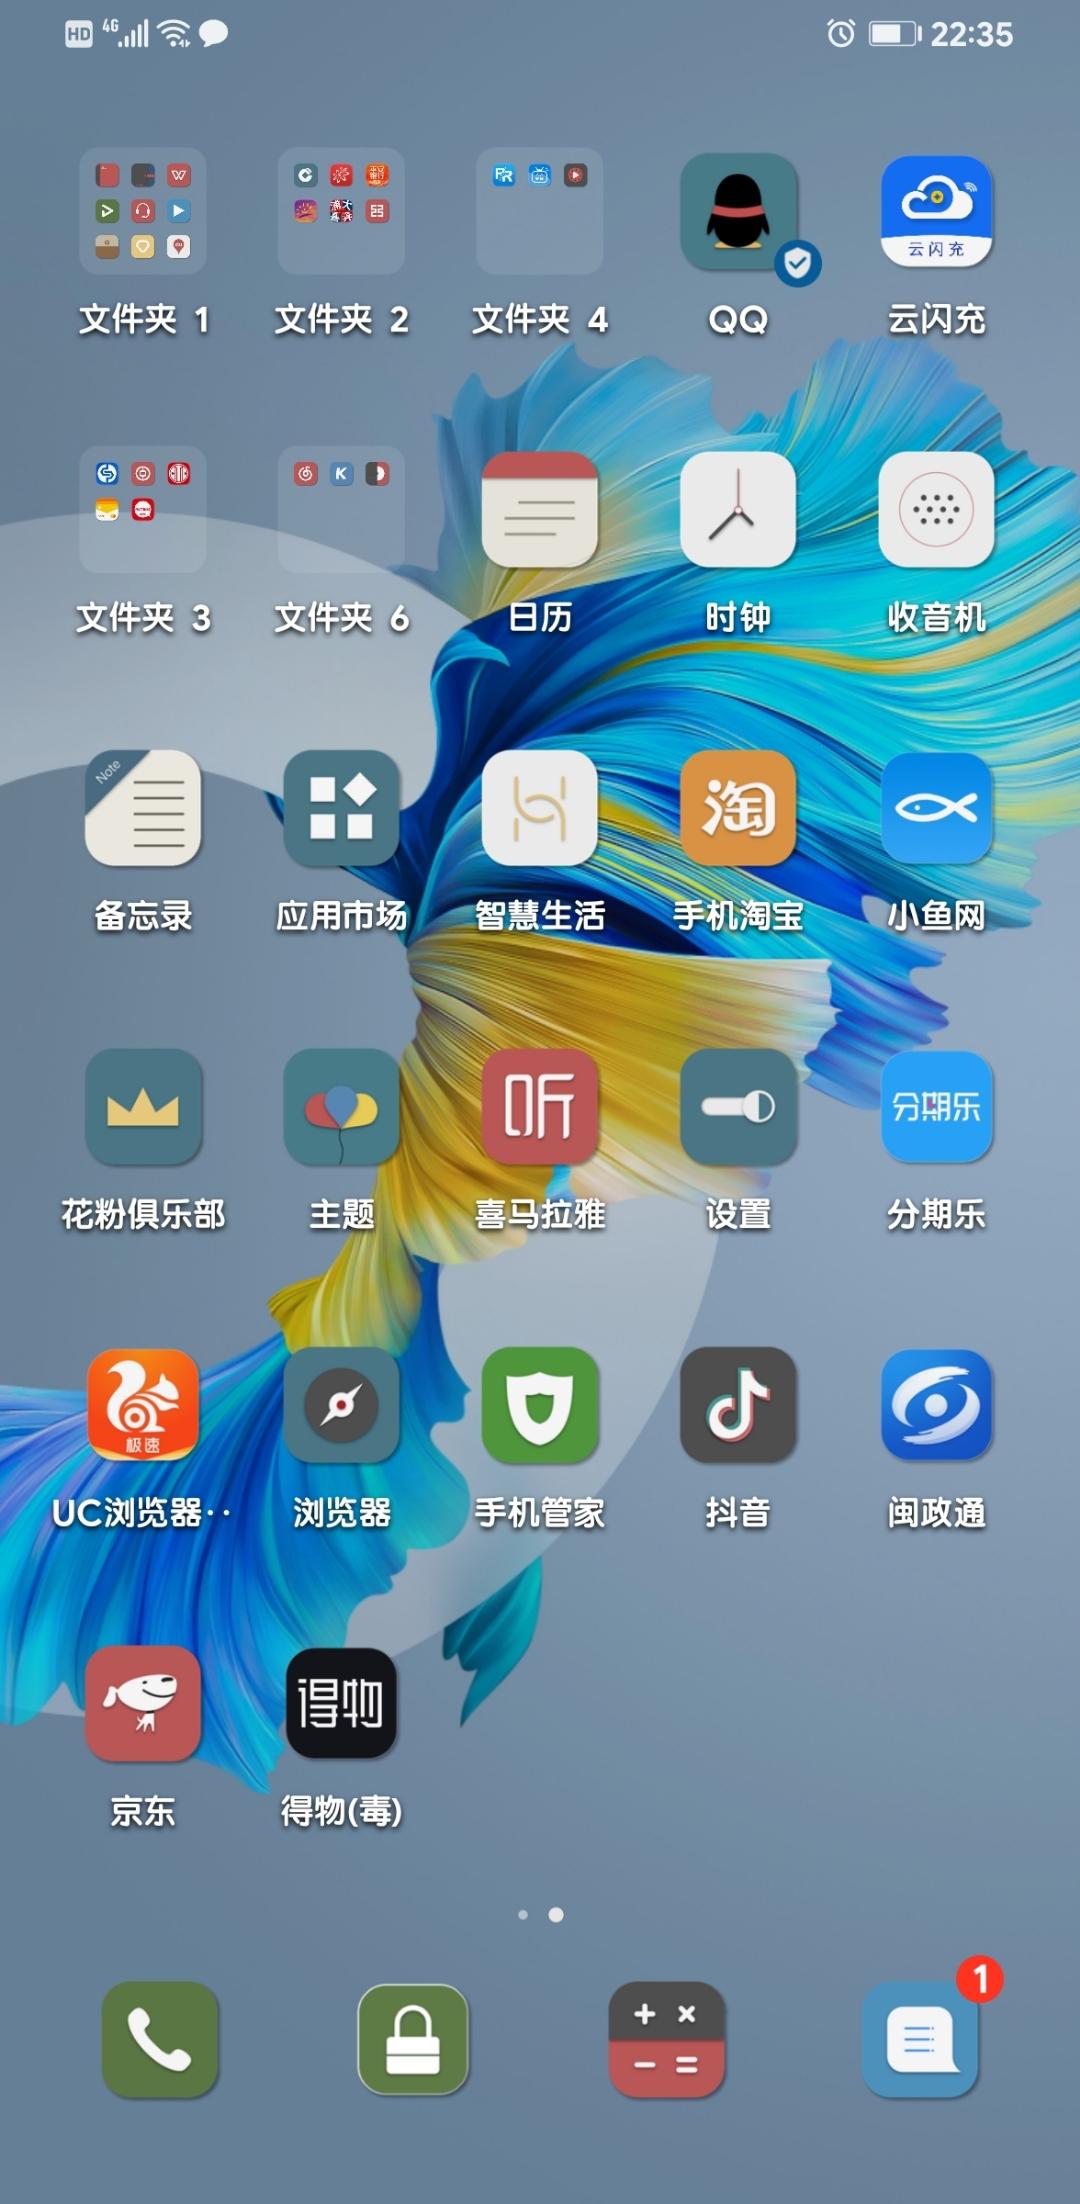 Screenshot_20201122_223531_com.huawei.android.launcher.jpg